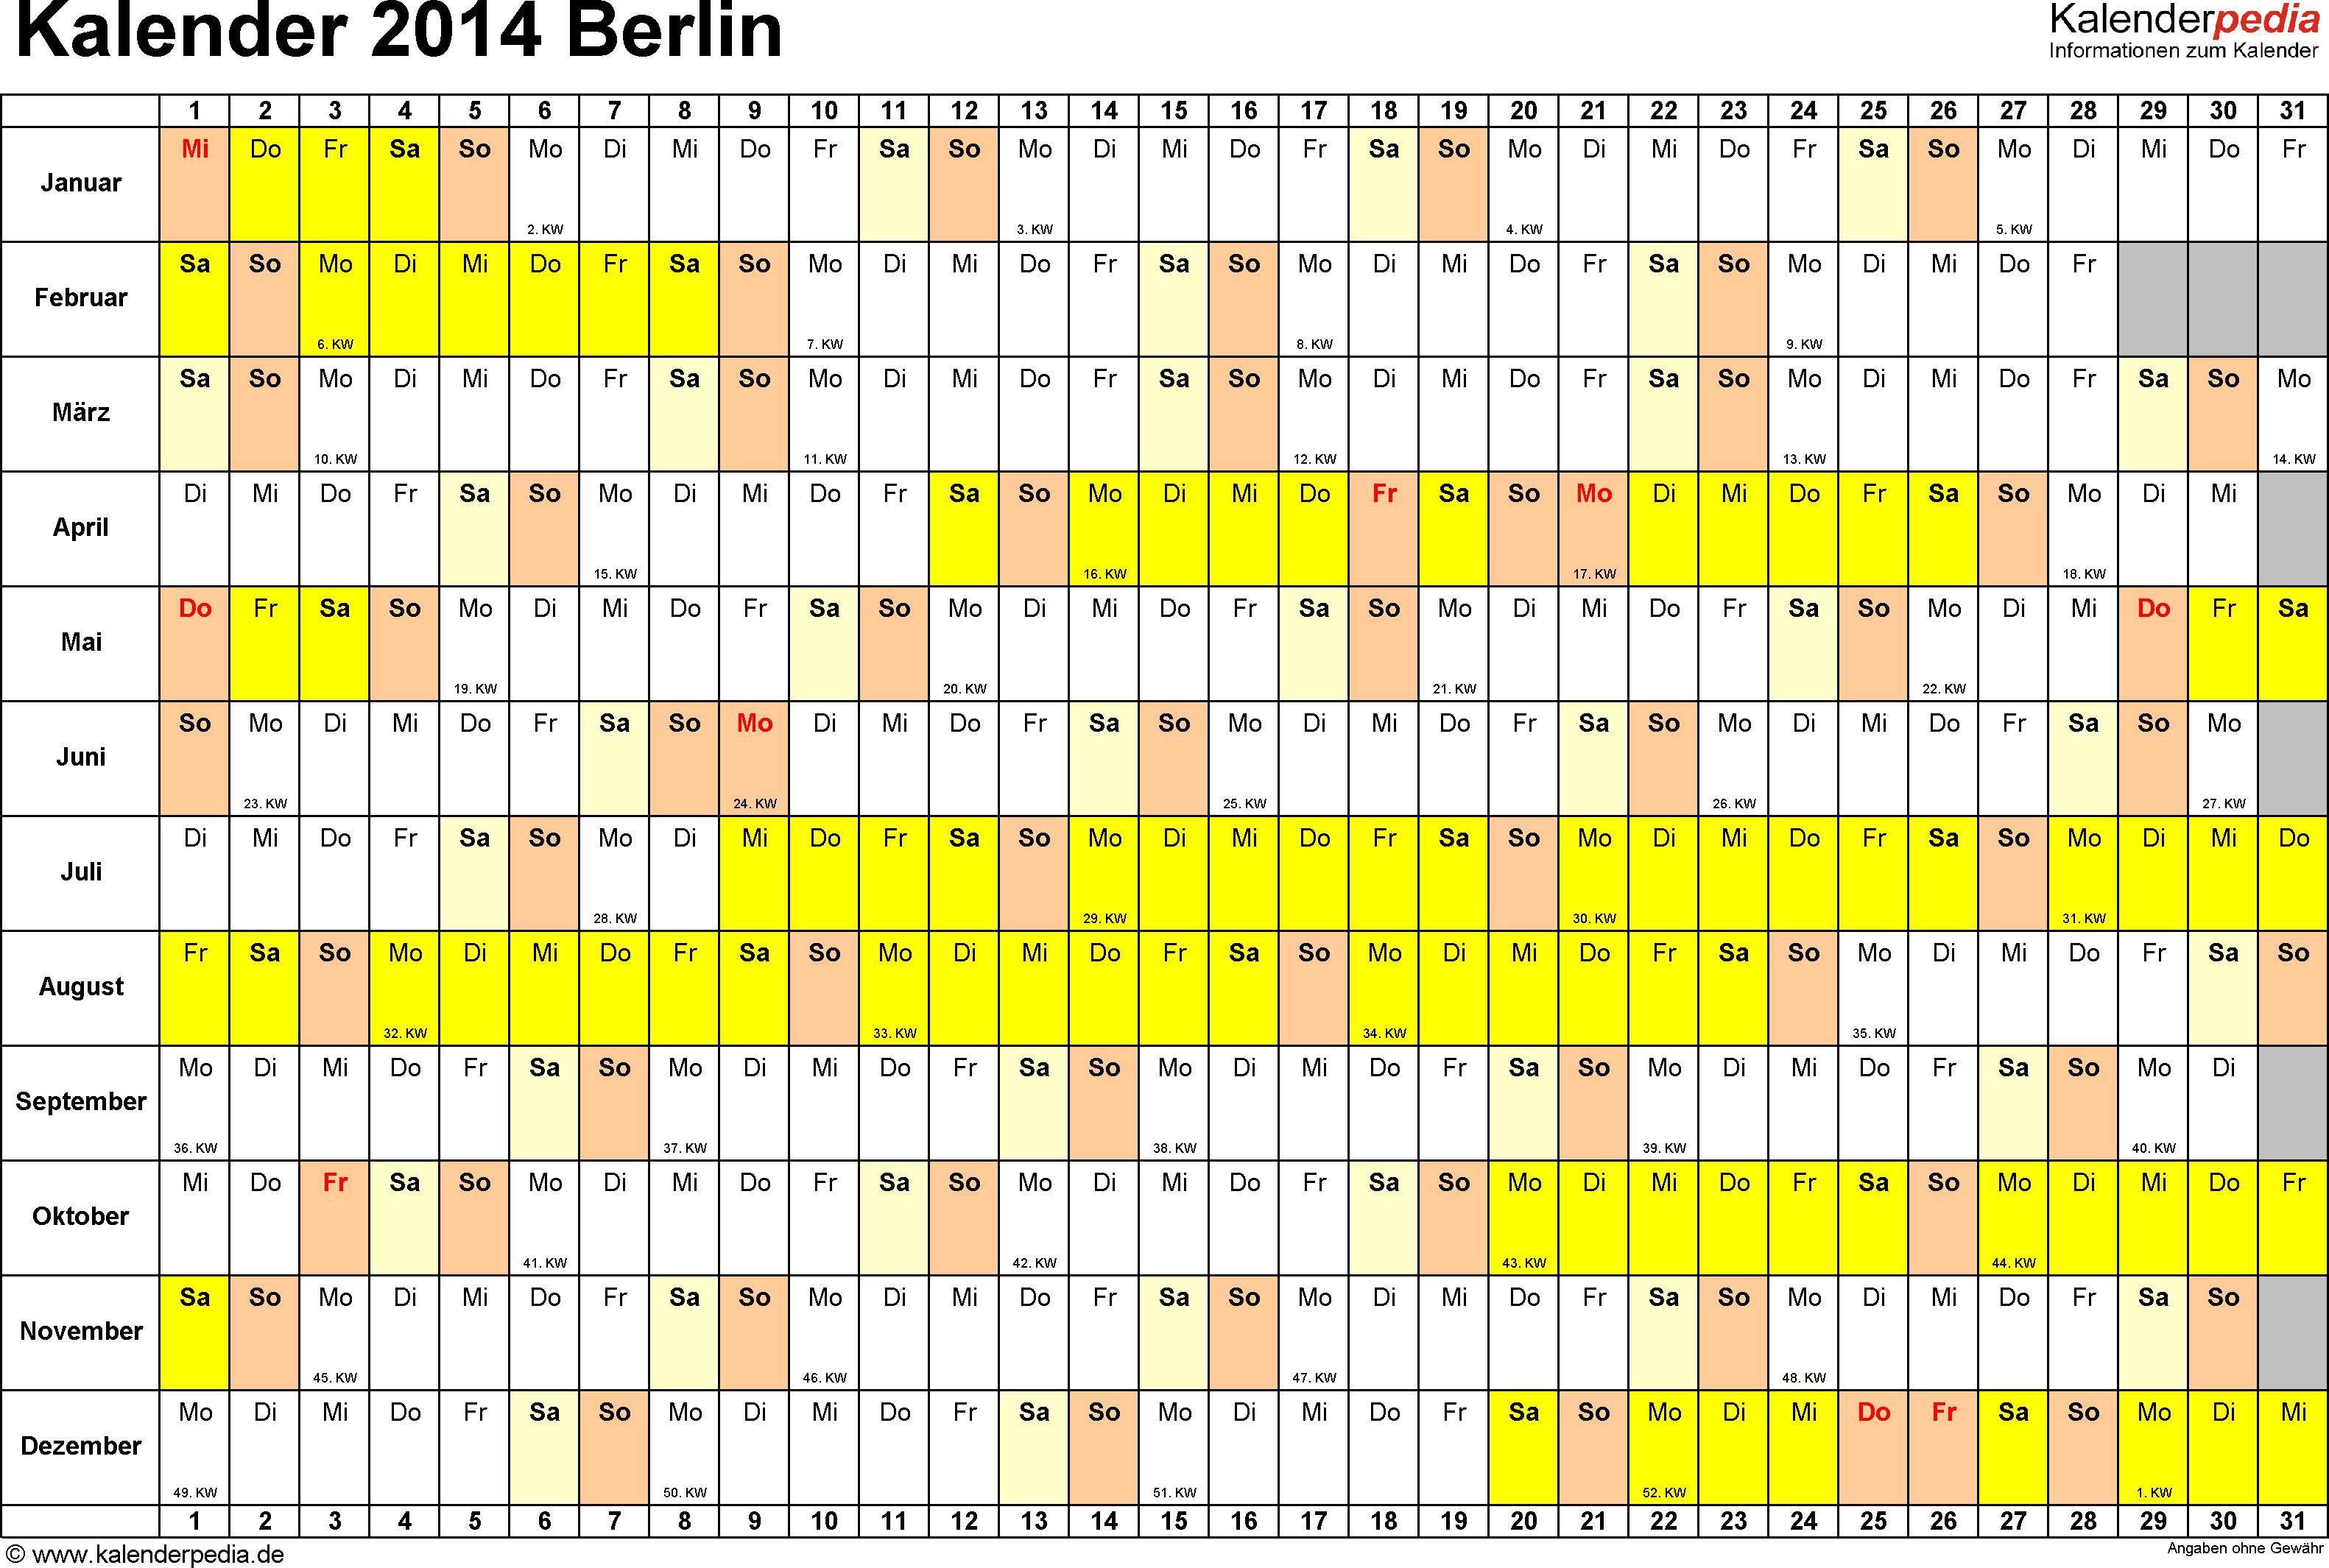 Vorlage 3: Kalender Berlin 2014 im Querformat, Tage nebeneinander